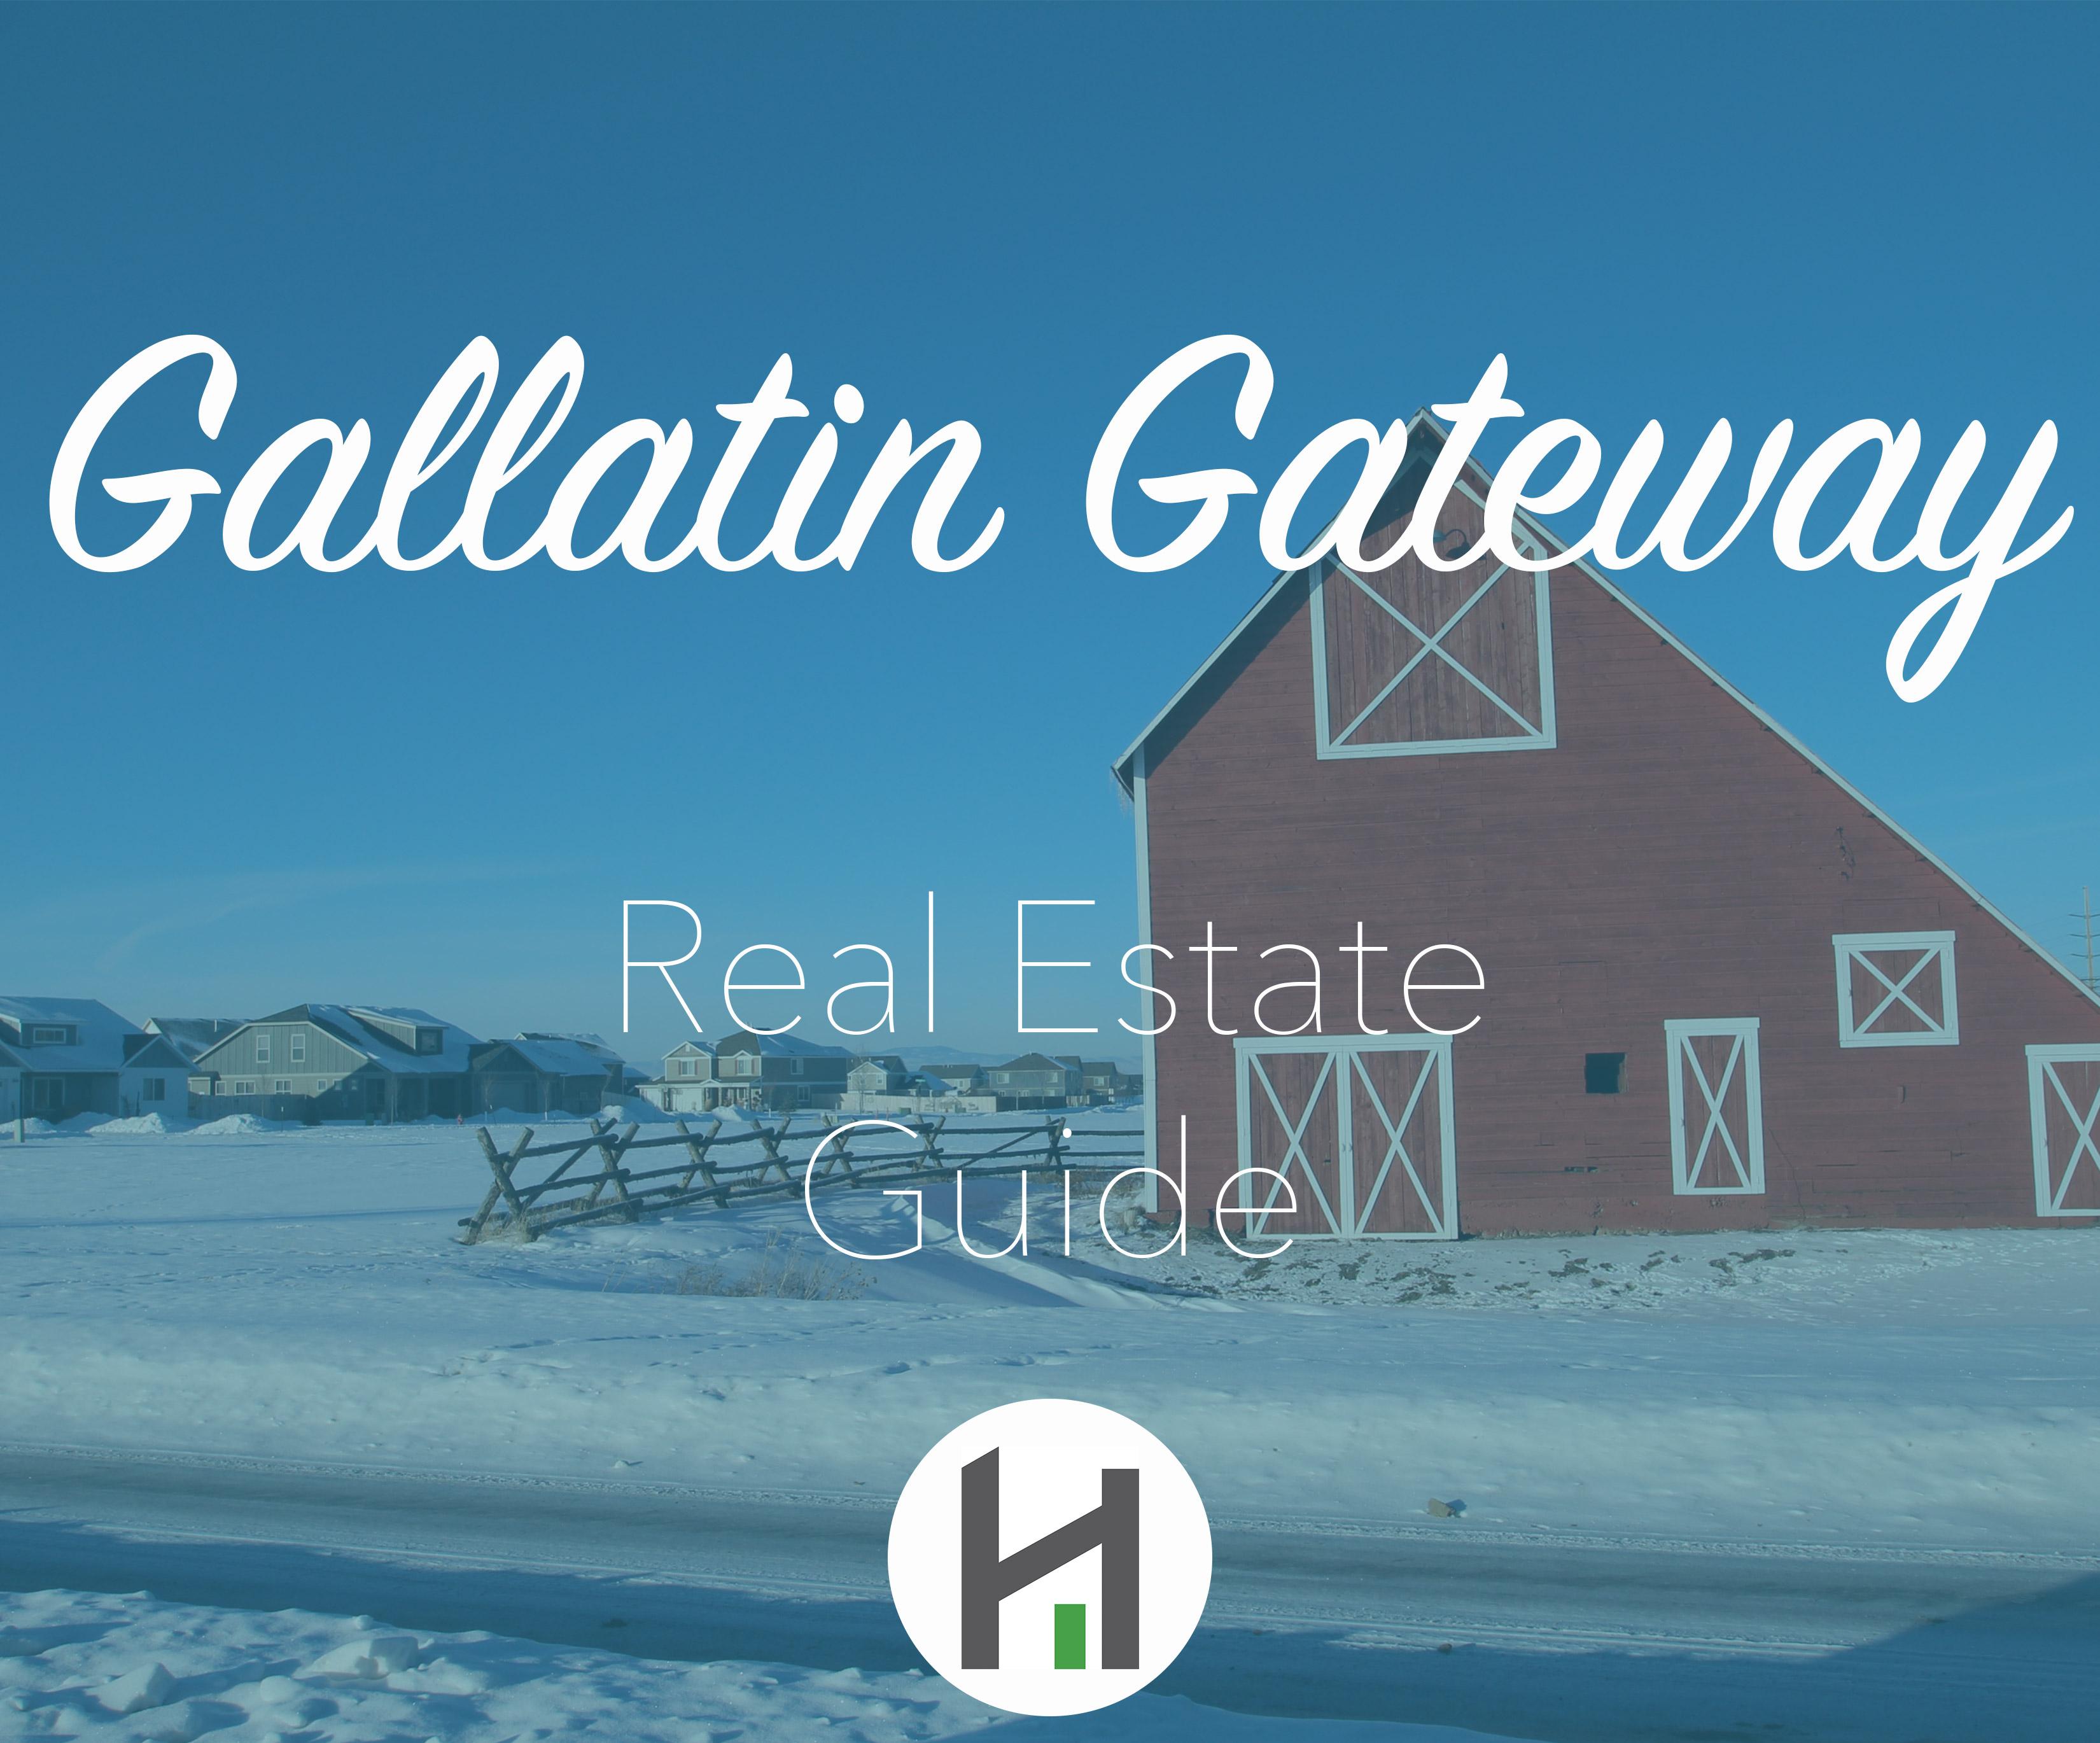 Find Gallatin Gateway Real Estate